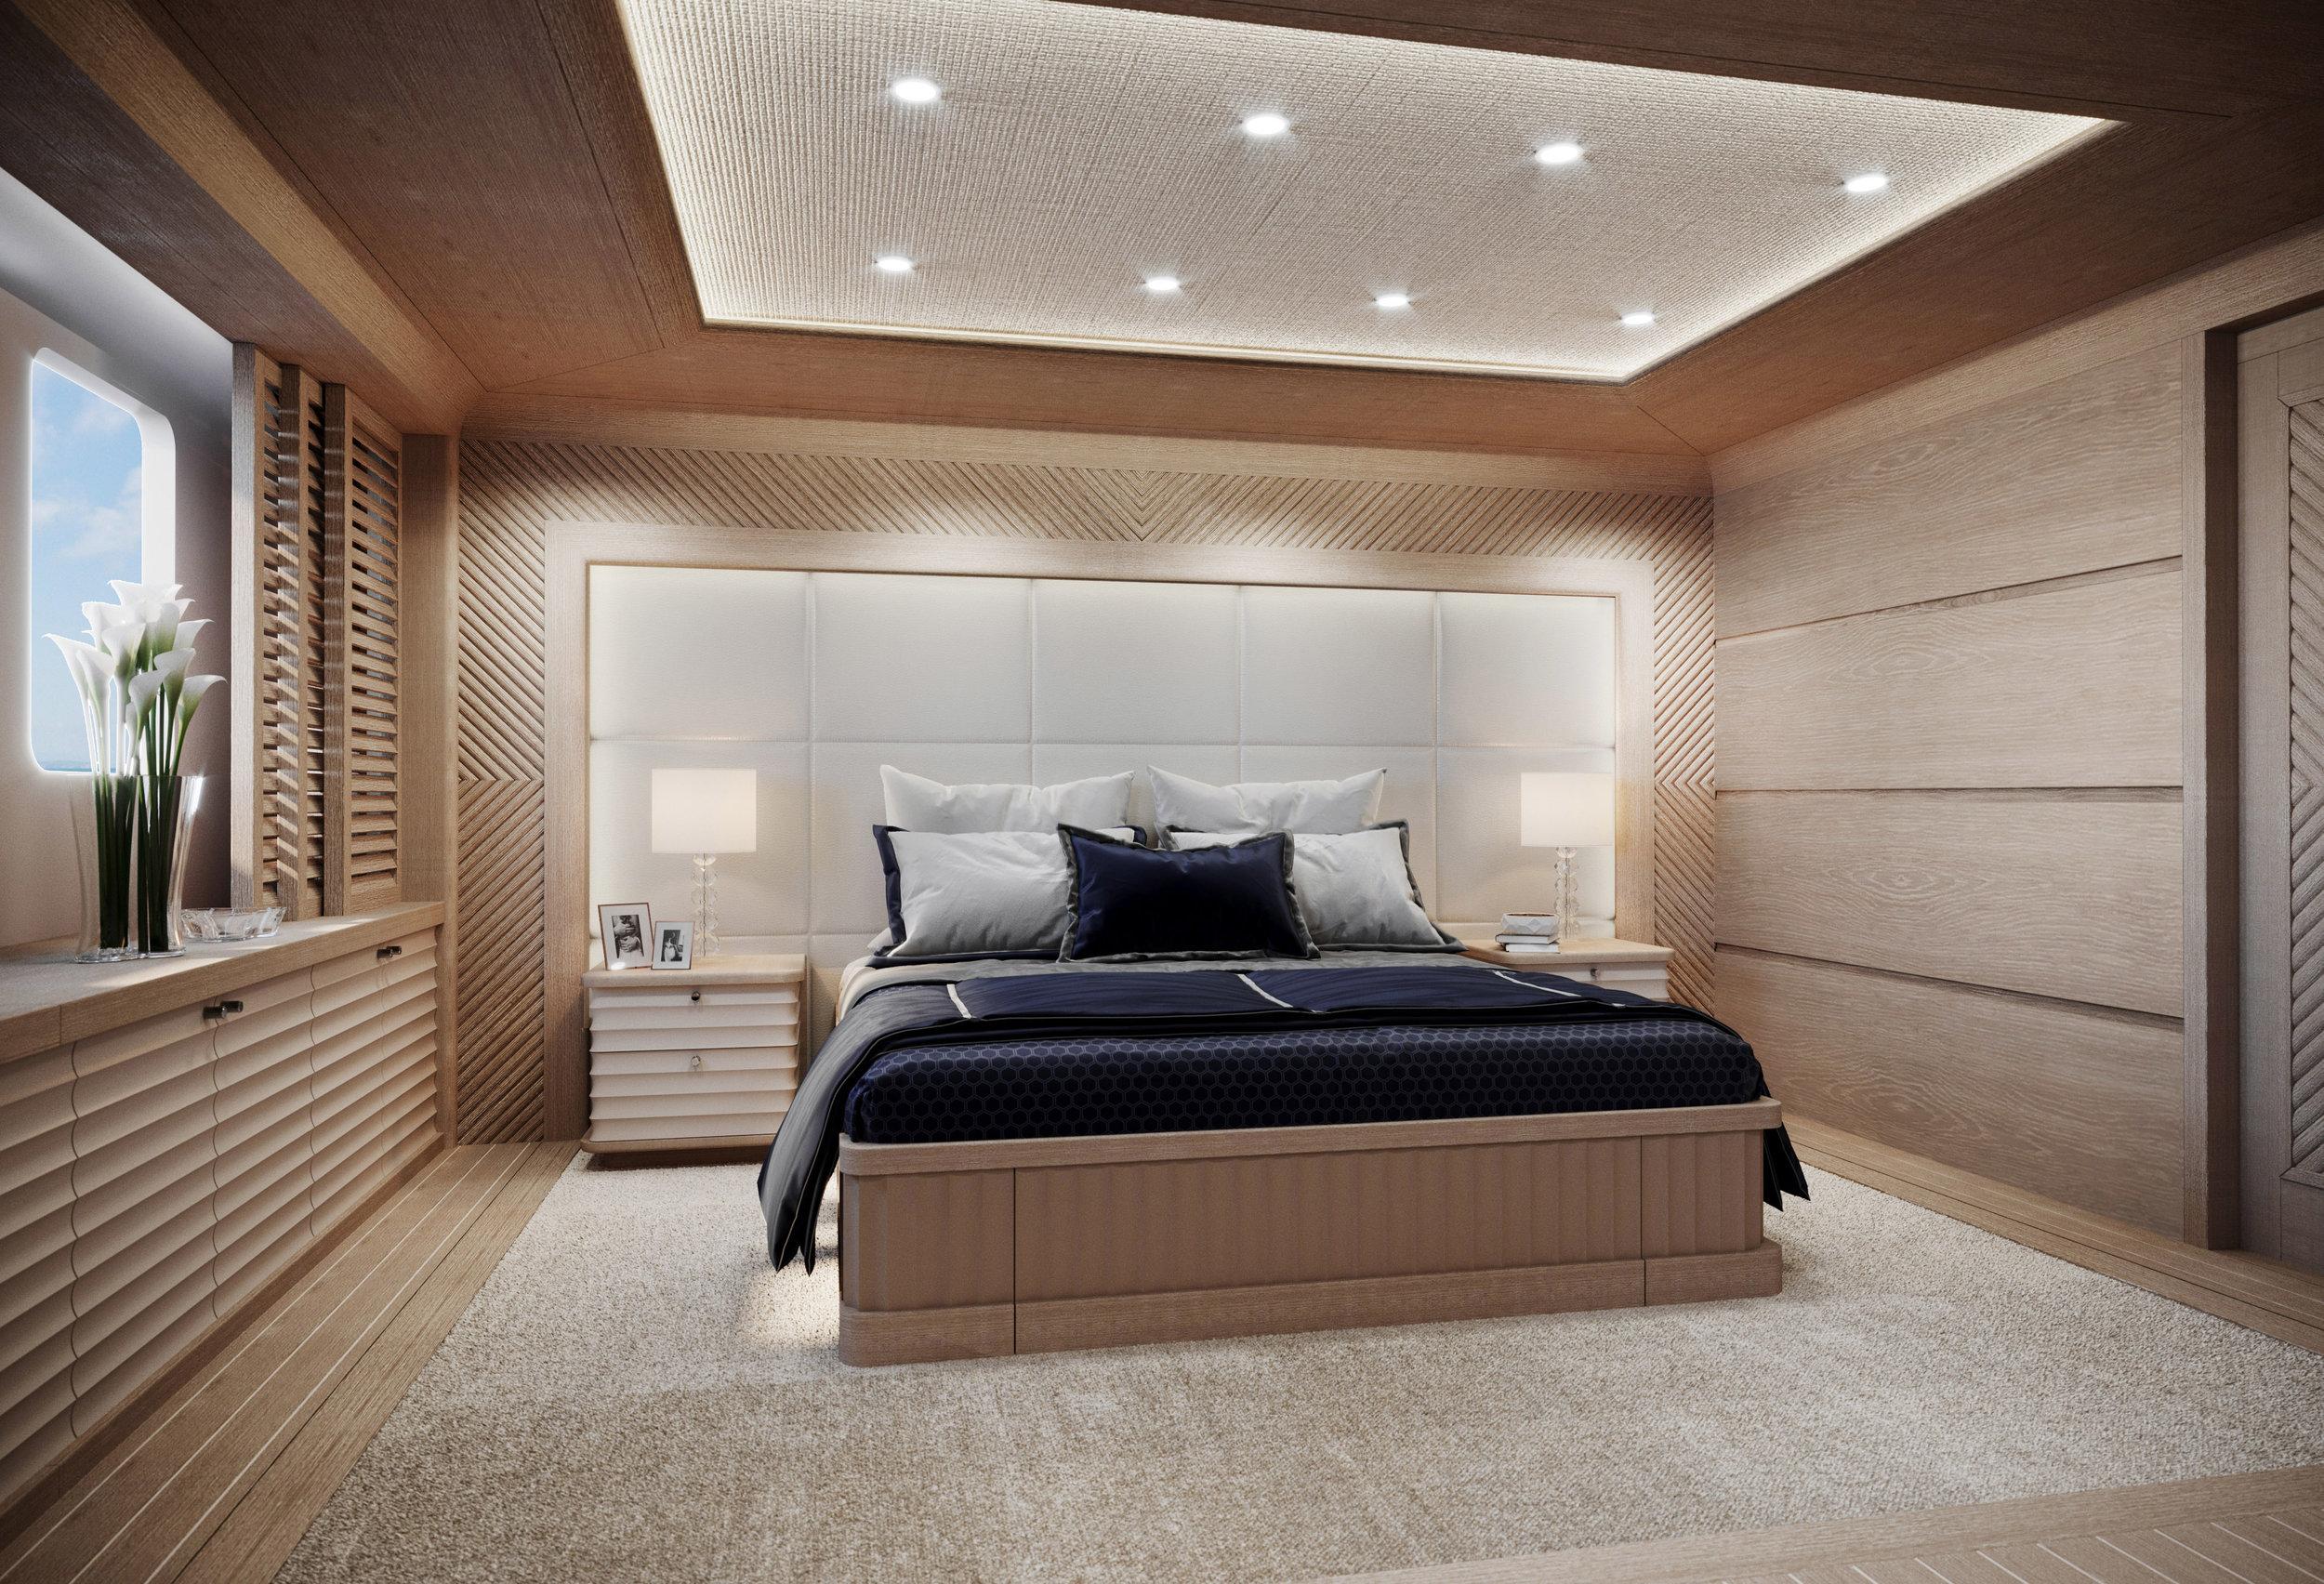 M/Y Navtilvs 380' - master cabin proposal